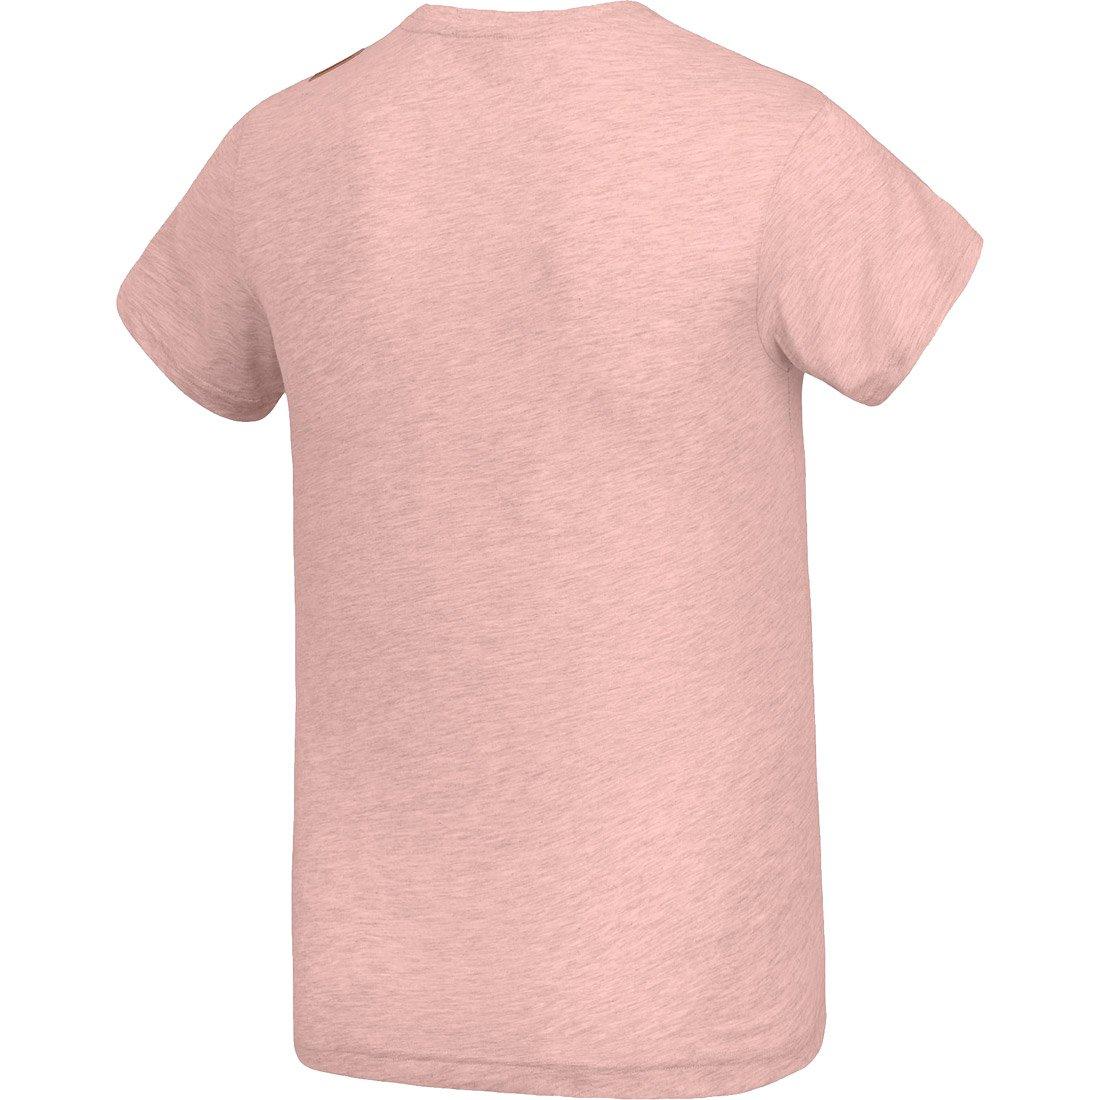 חולצה קצרה לגברים - Anglet Tee - Picture Organic